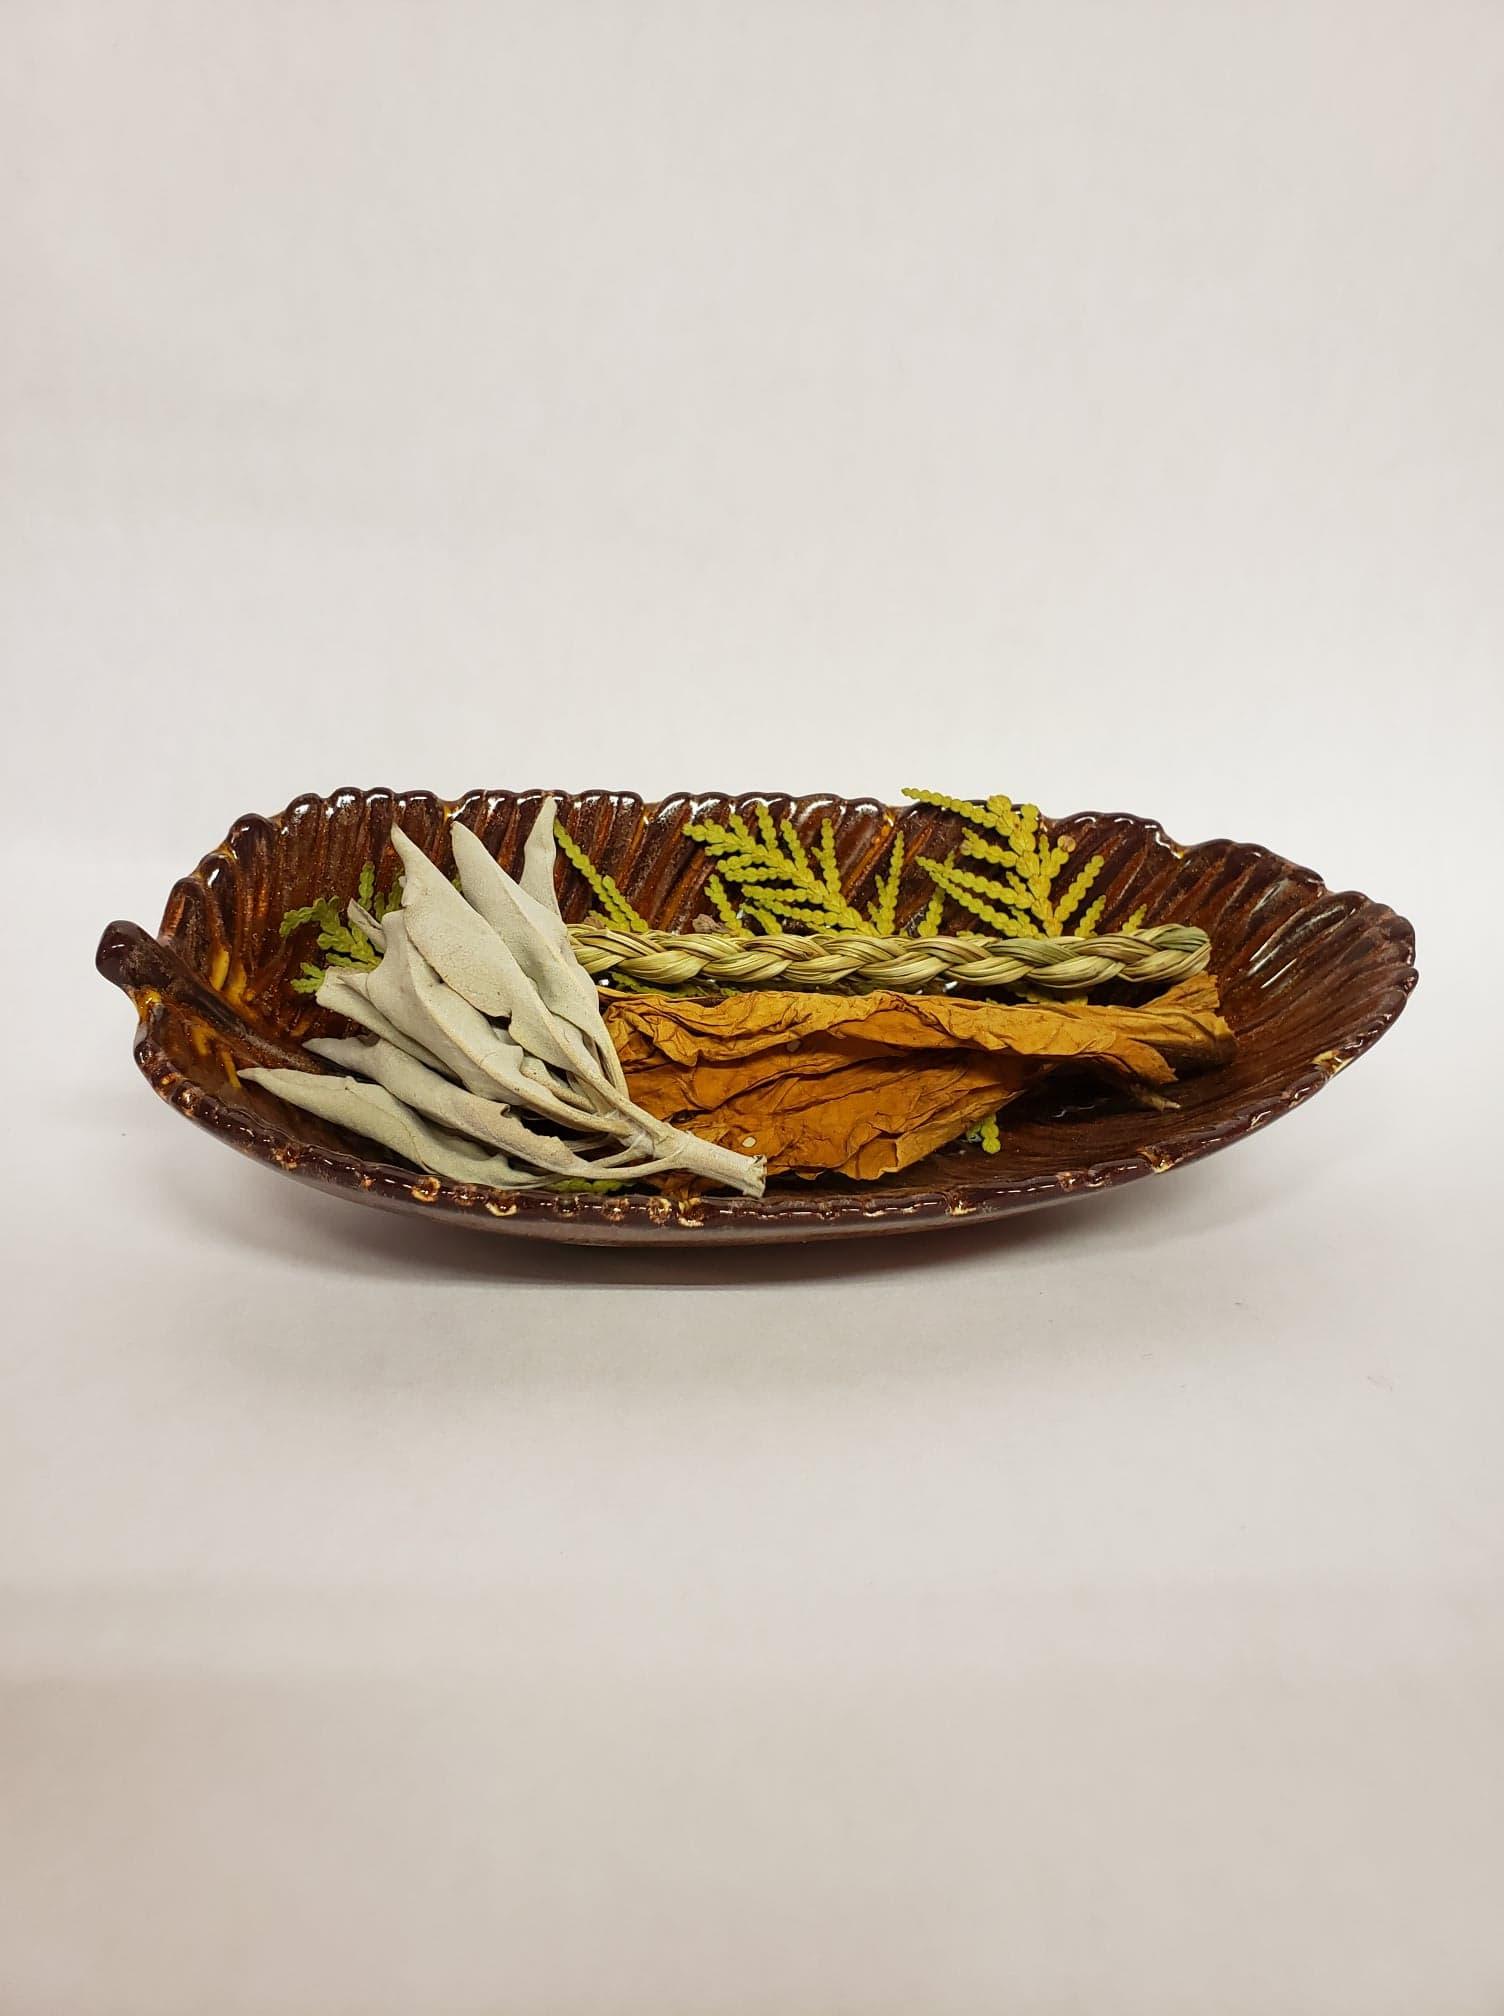 millside ceramics, tyendinaga mohawk territory